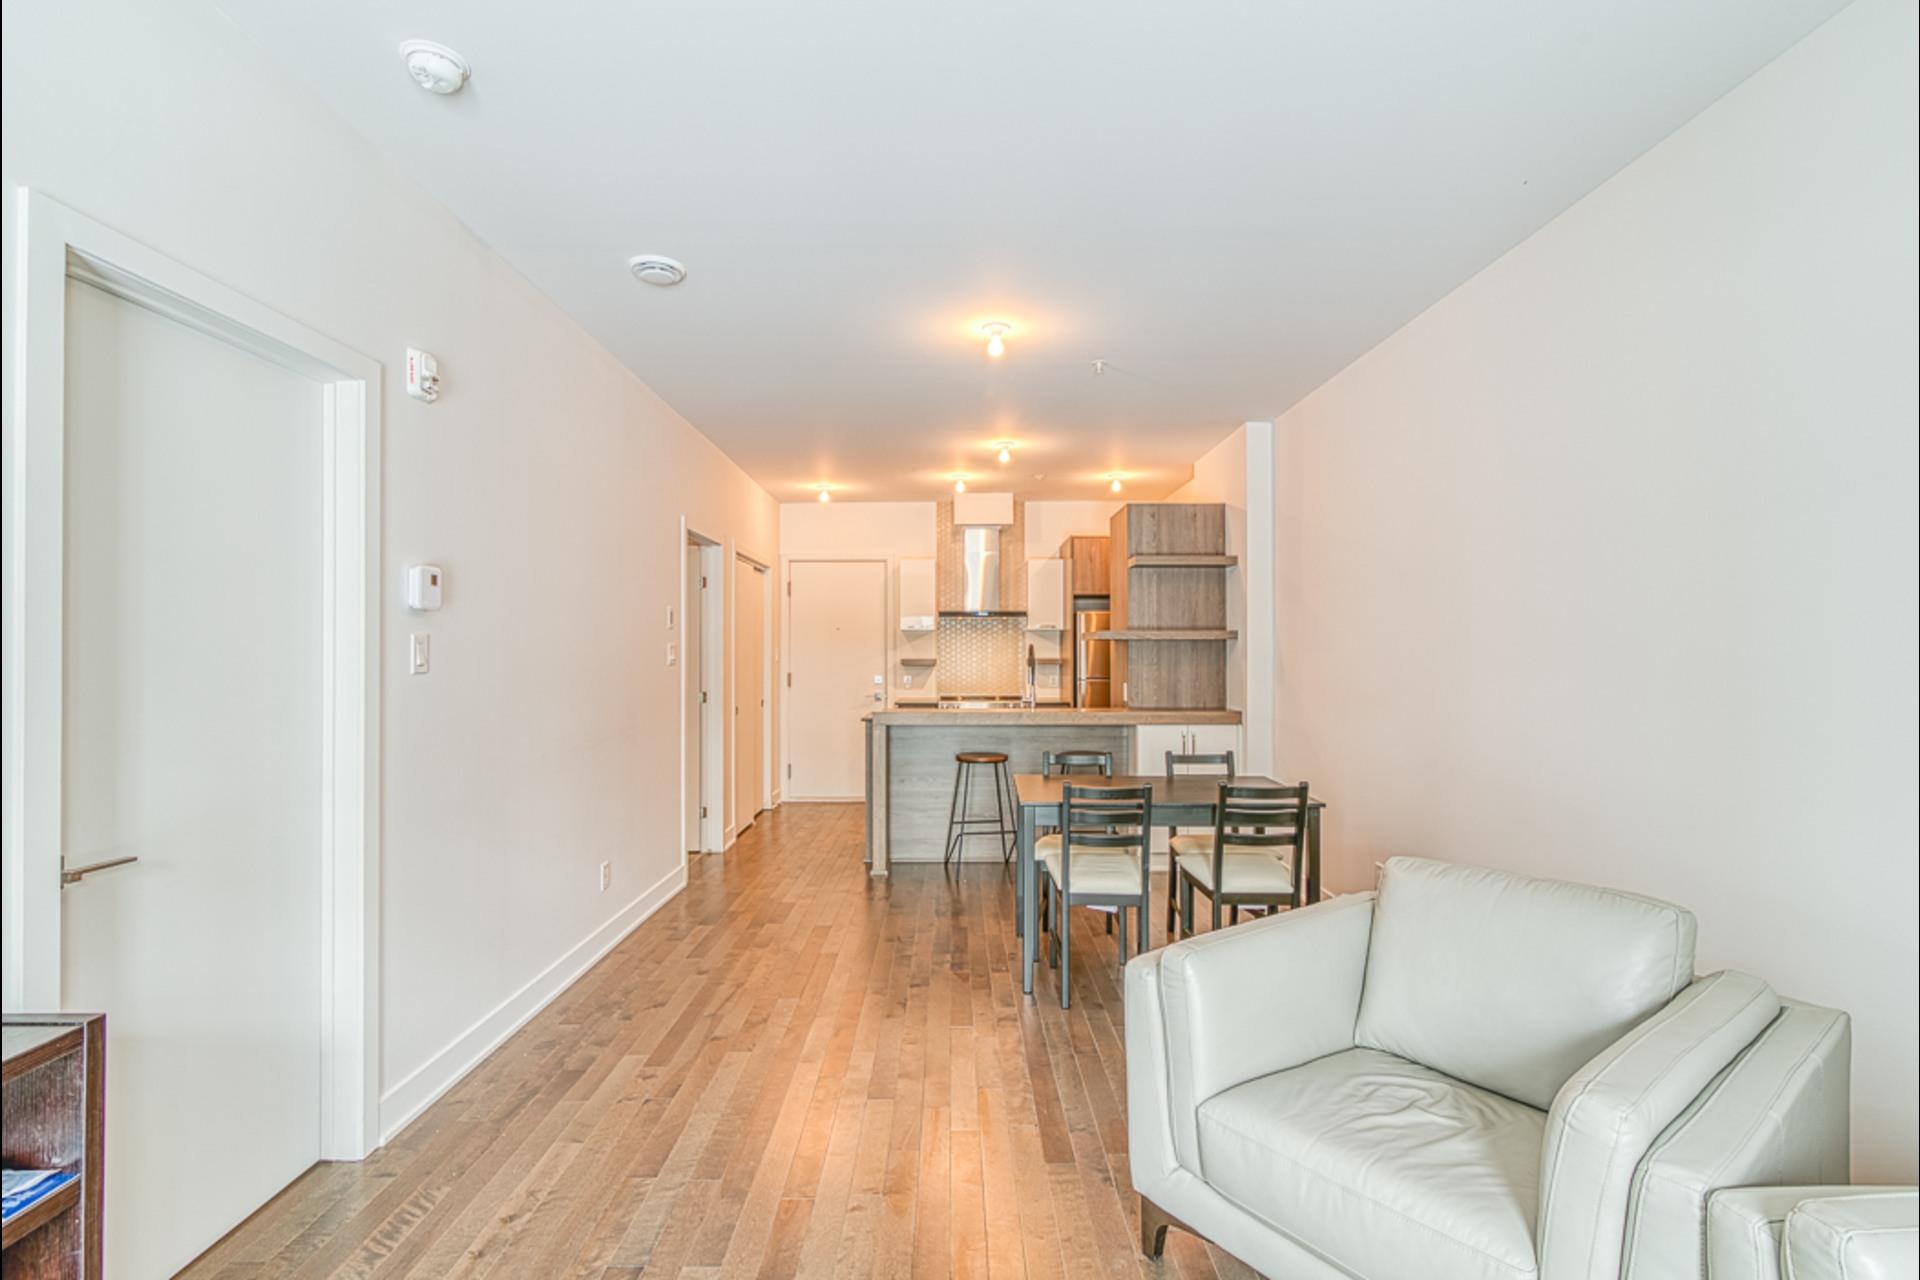 image 6 - MX - Condominio vertical - MX Para alquiler Montréal - 3 habitaciones